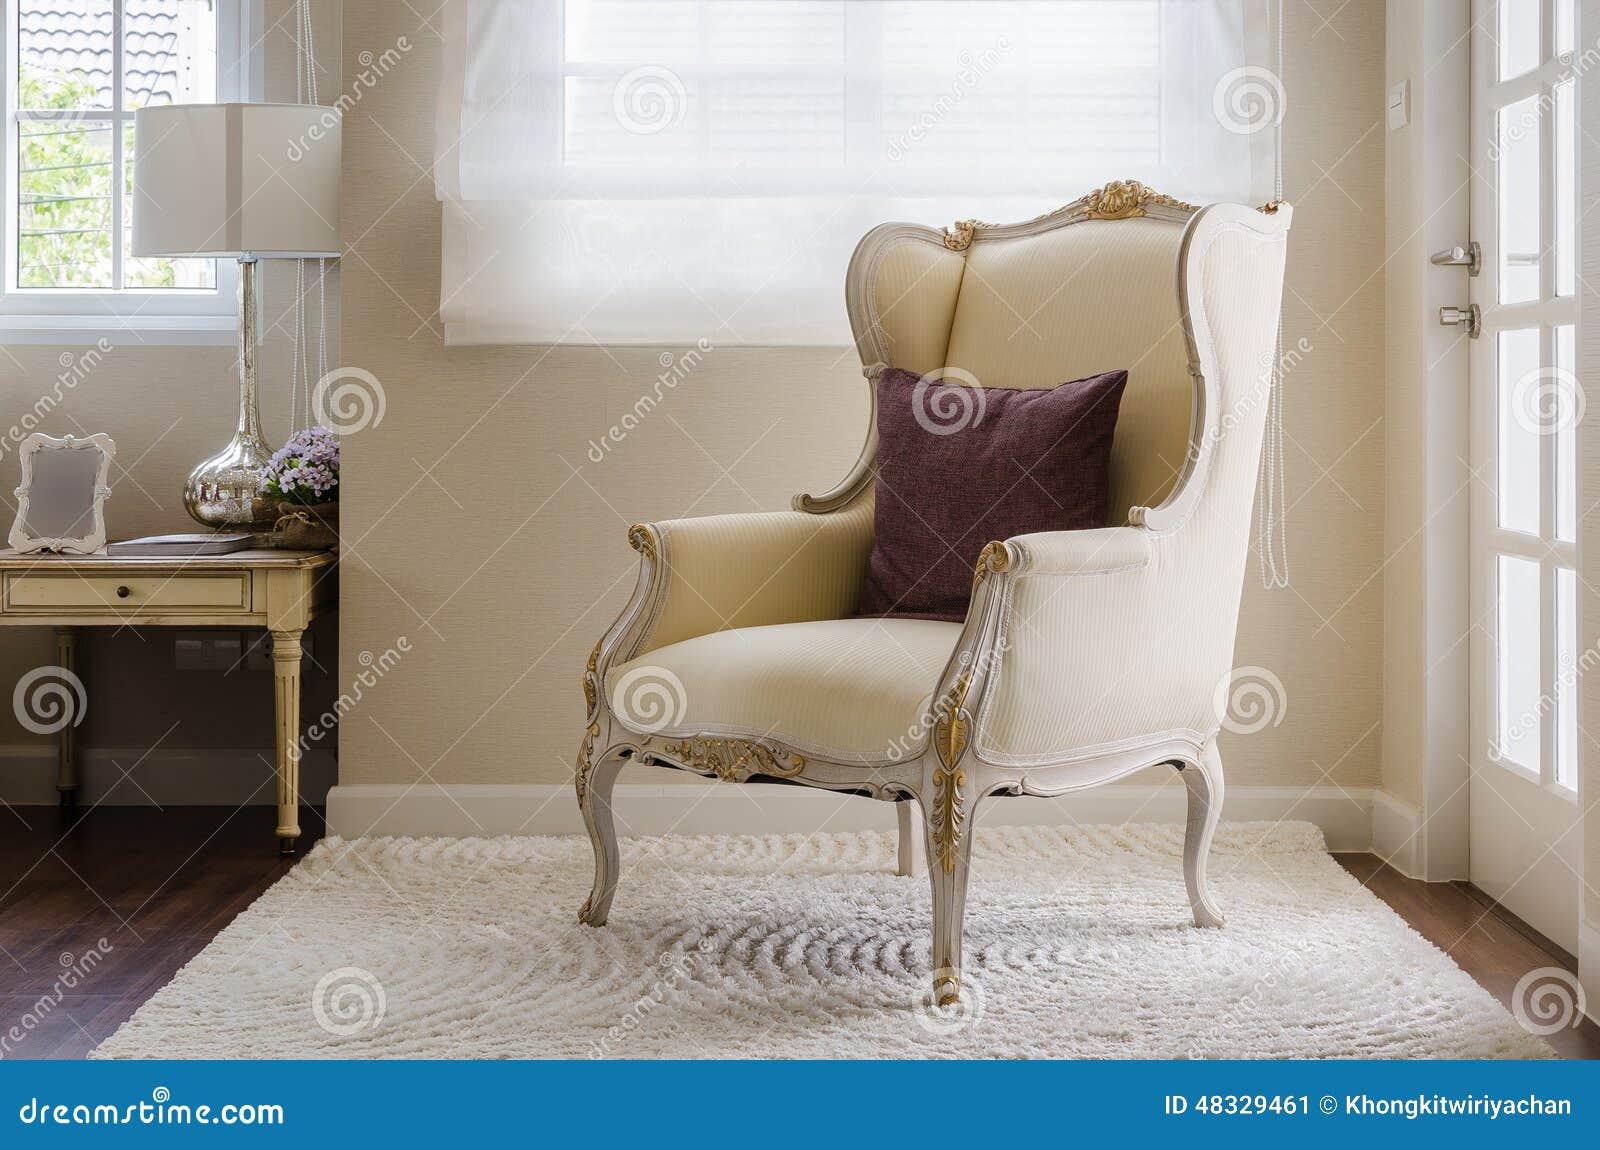 Stile classico della sedia su tappeto in camera da letto - Sedia camera da letto ...